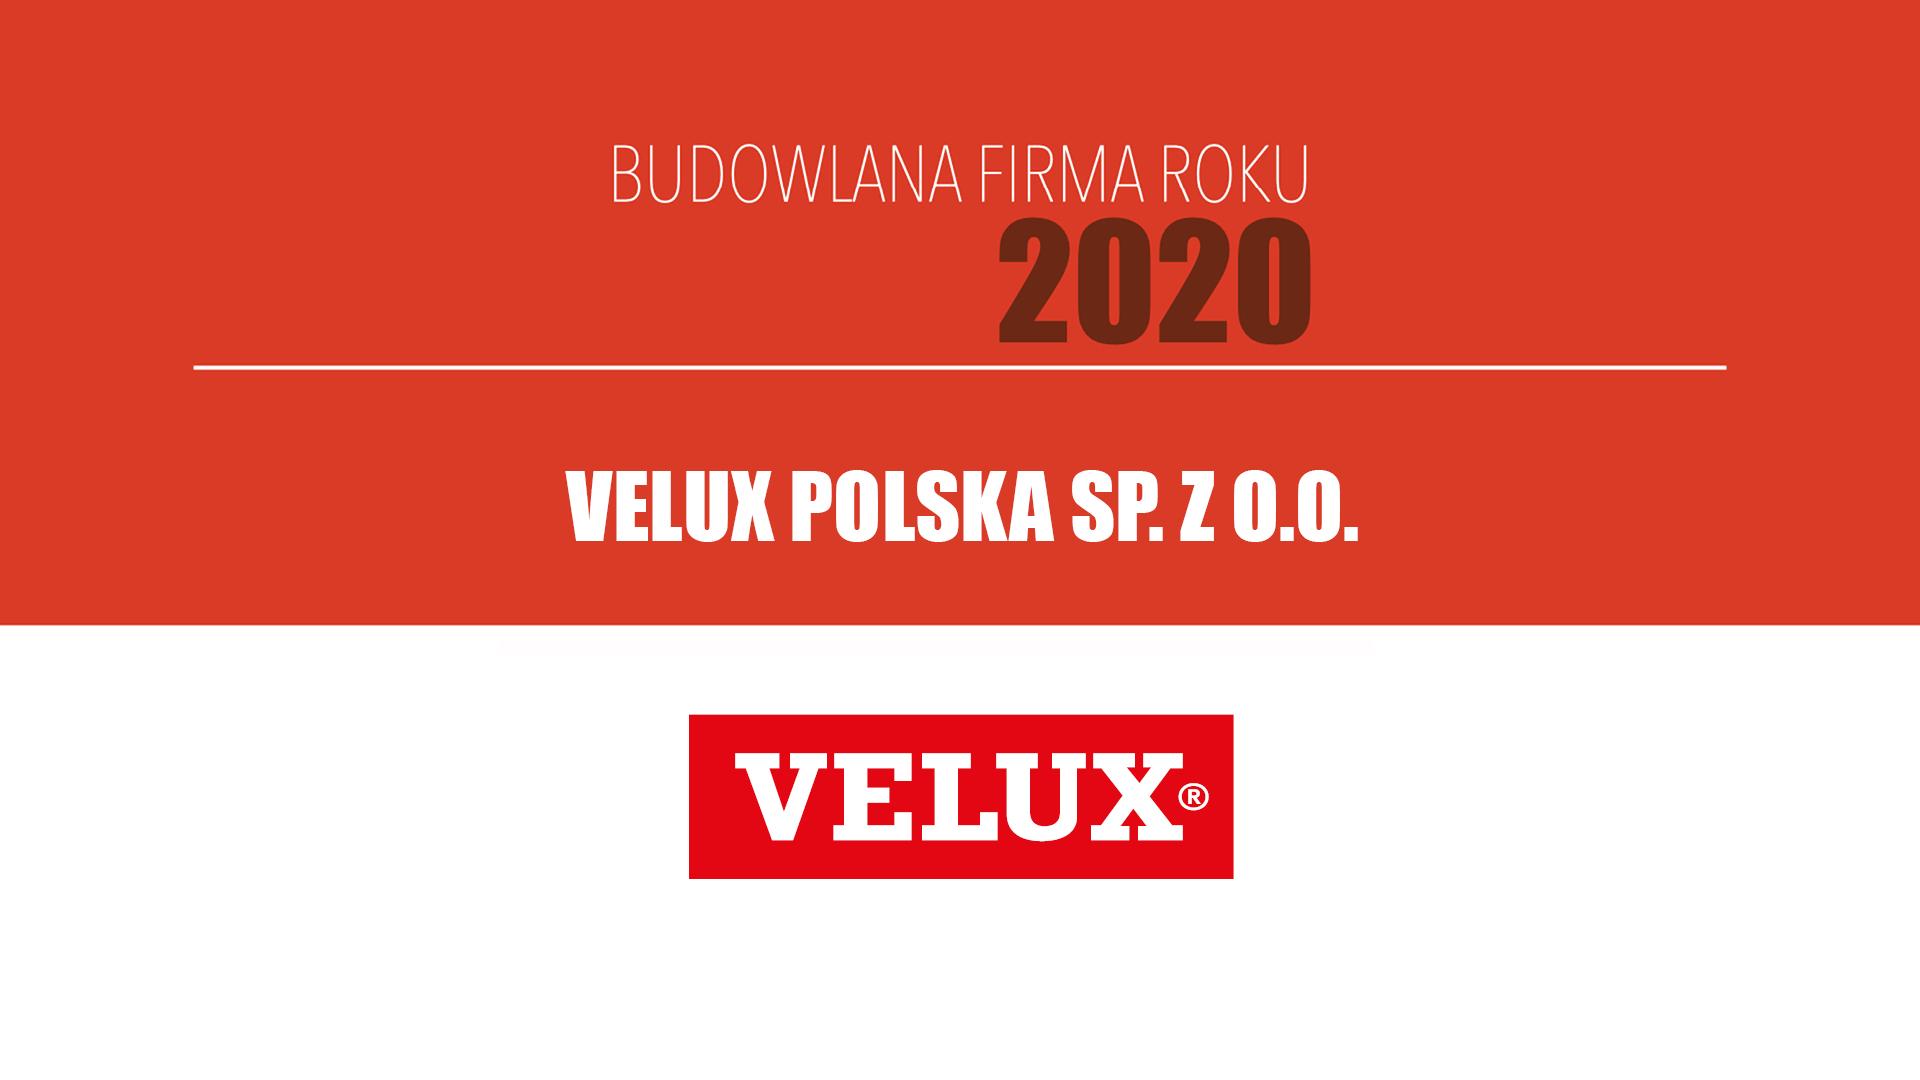 VELUX POLSKA SP. Z O.O. –  Budowlana Firma Roku 2020